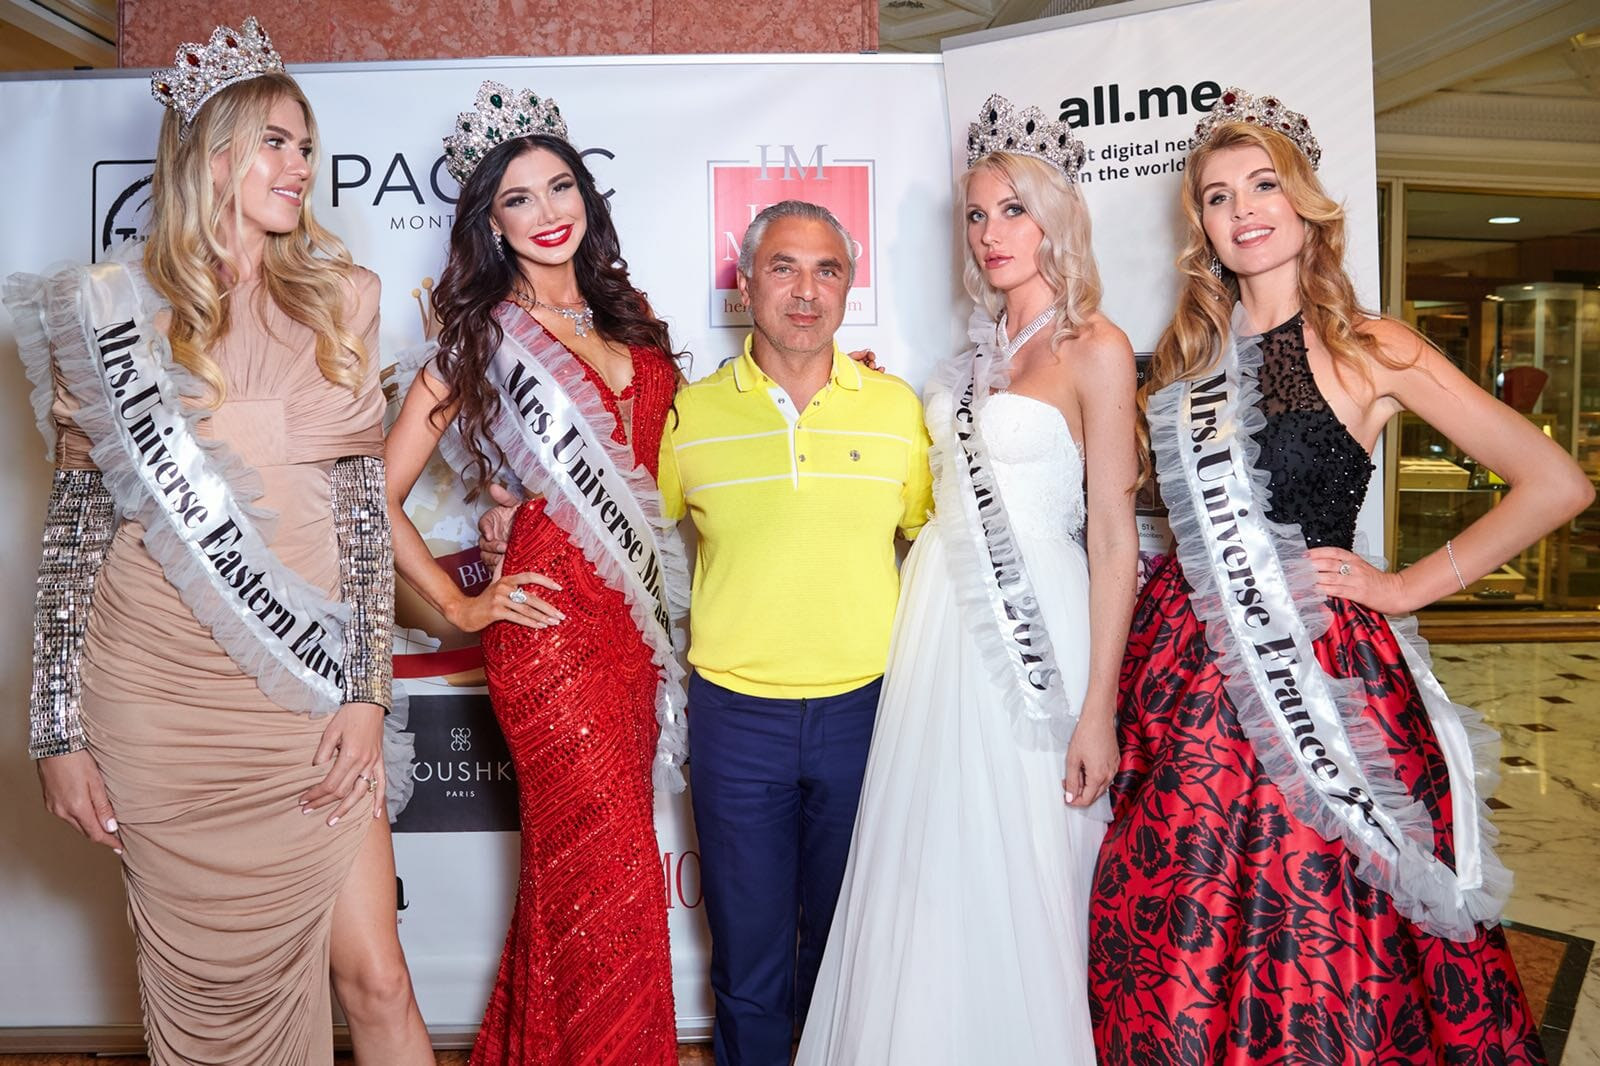 В Монако прошла коронация самых достойных девушек Франции, Монако, Восточной Европы и Литвы